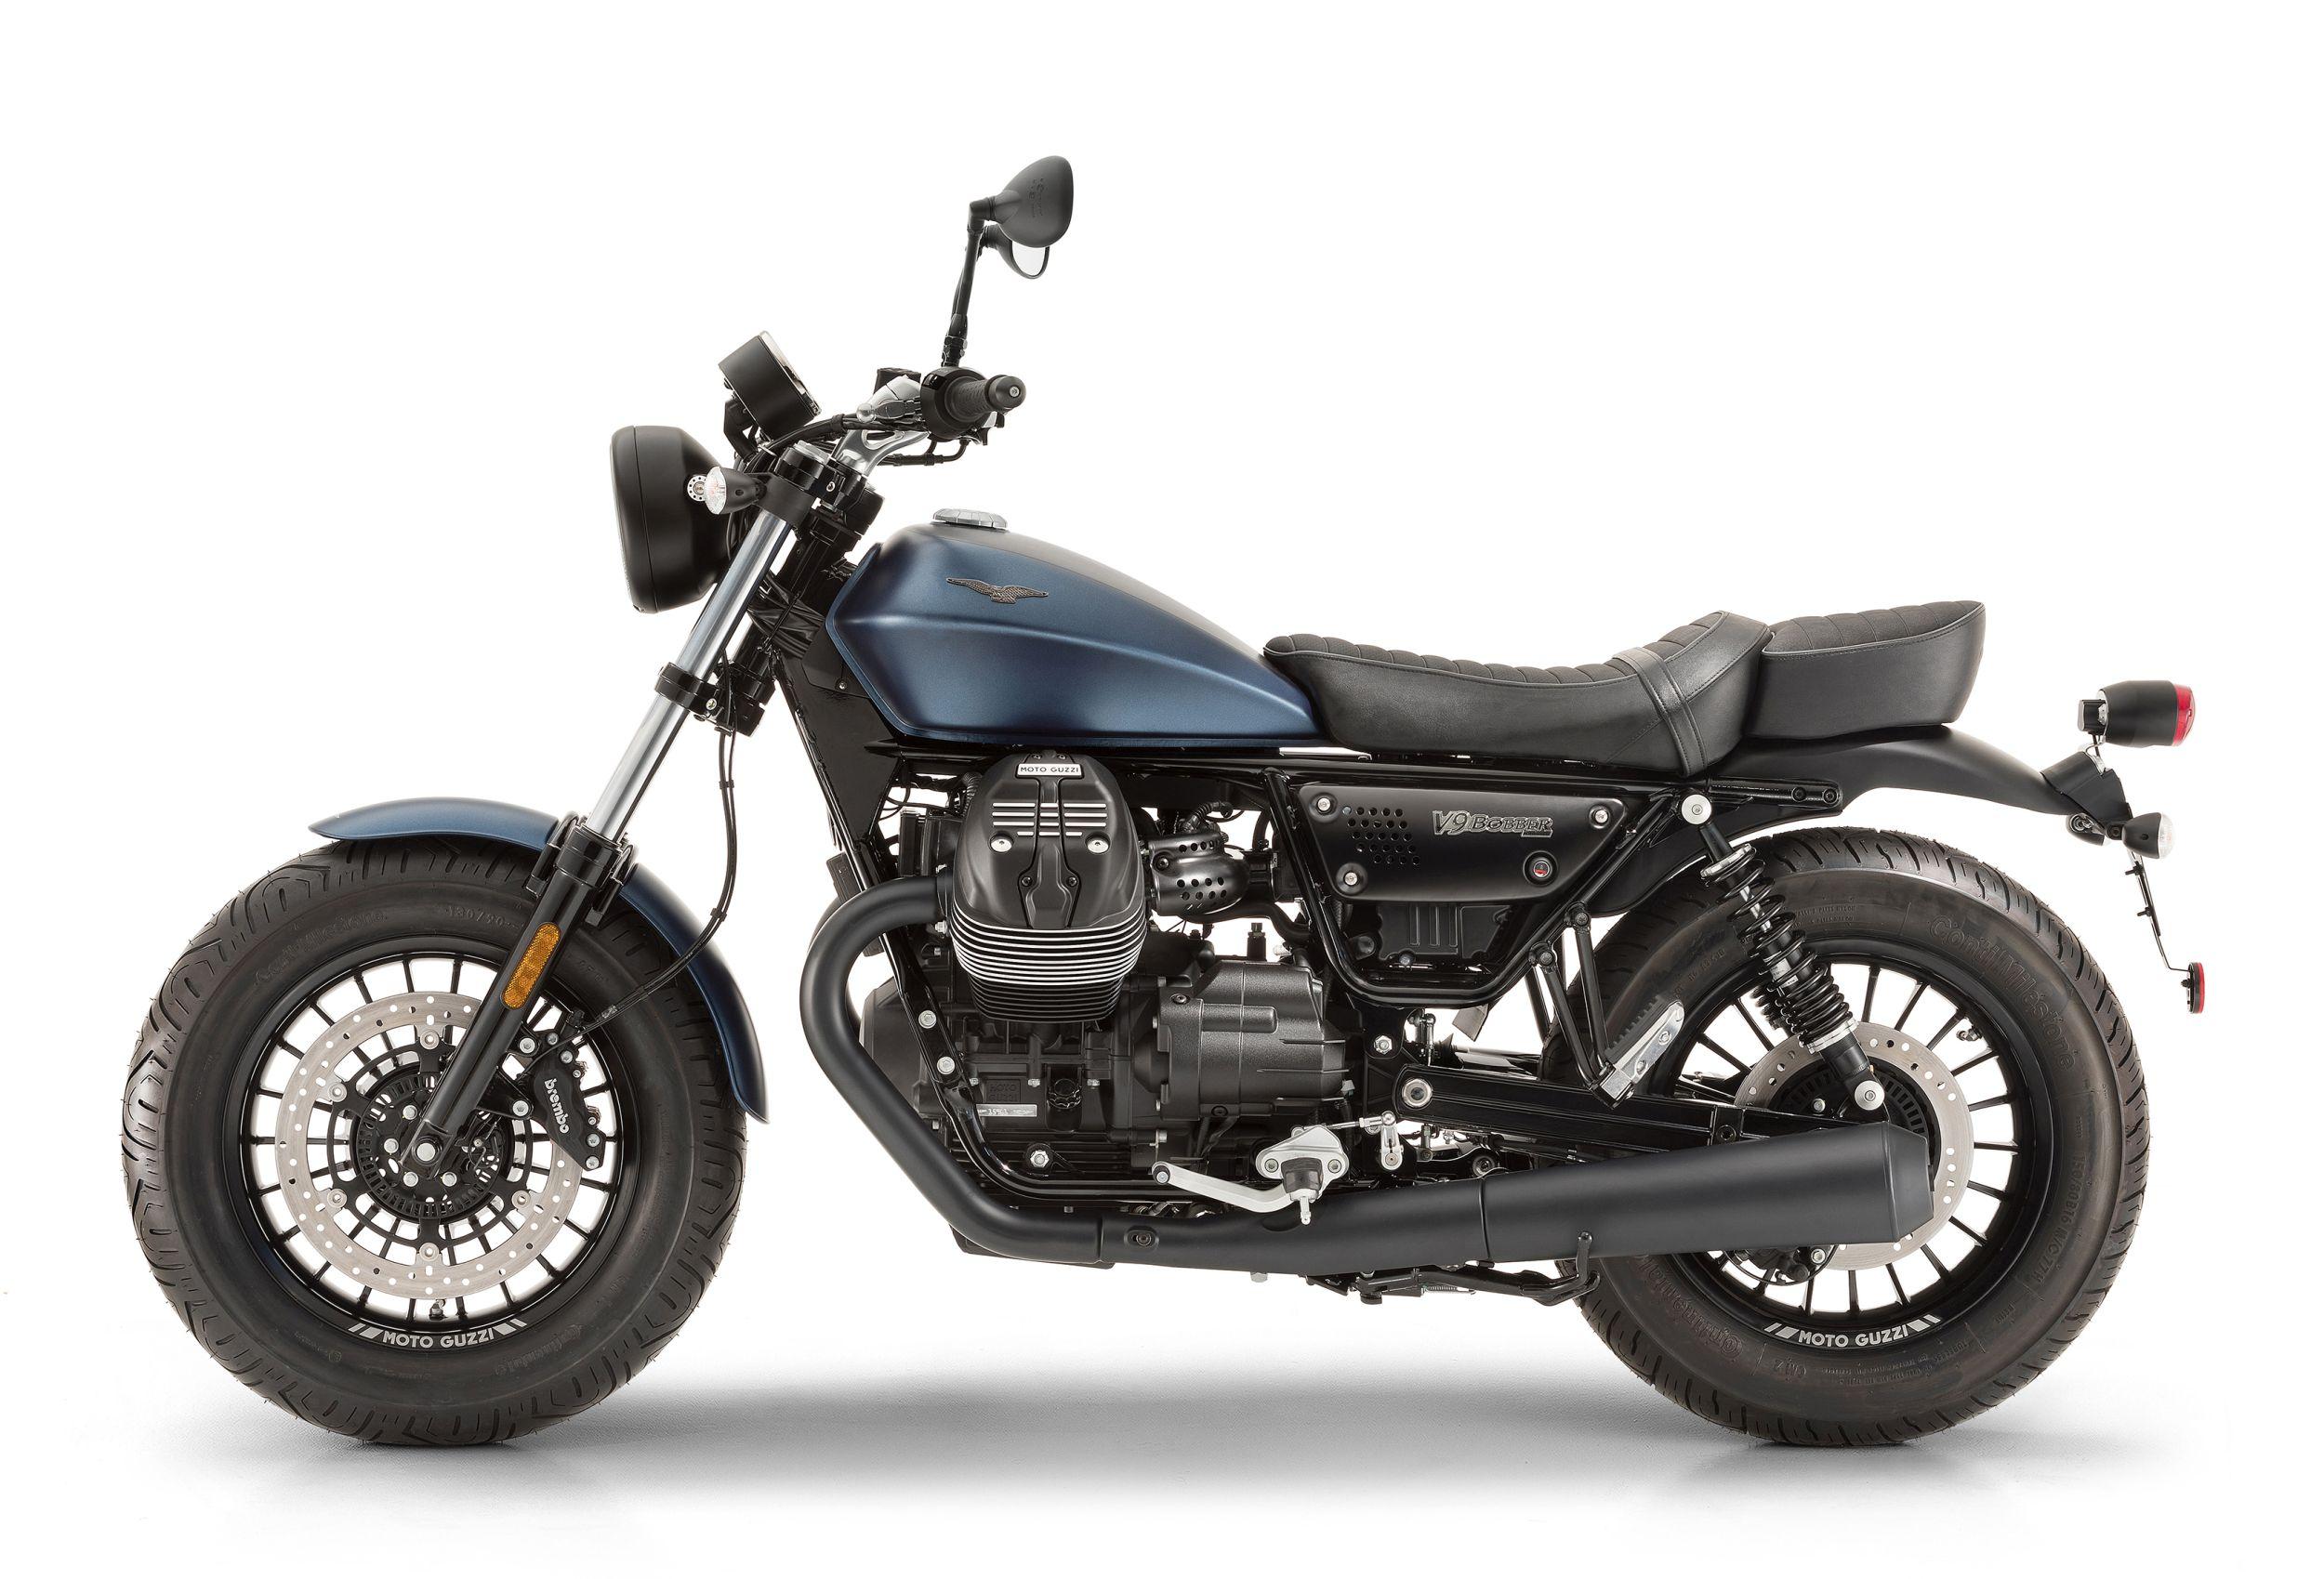 gebrauchte und neue moto guzzi v9 bobber motorr der kaufen. Black Bedroom Furniture Sets. Home Design Ideas